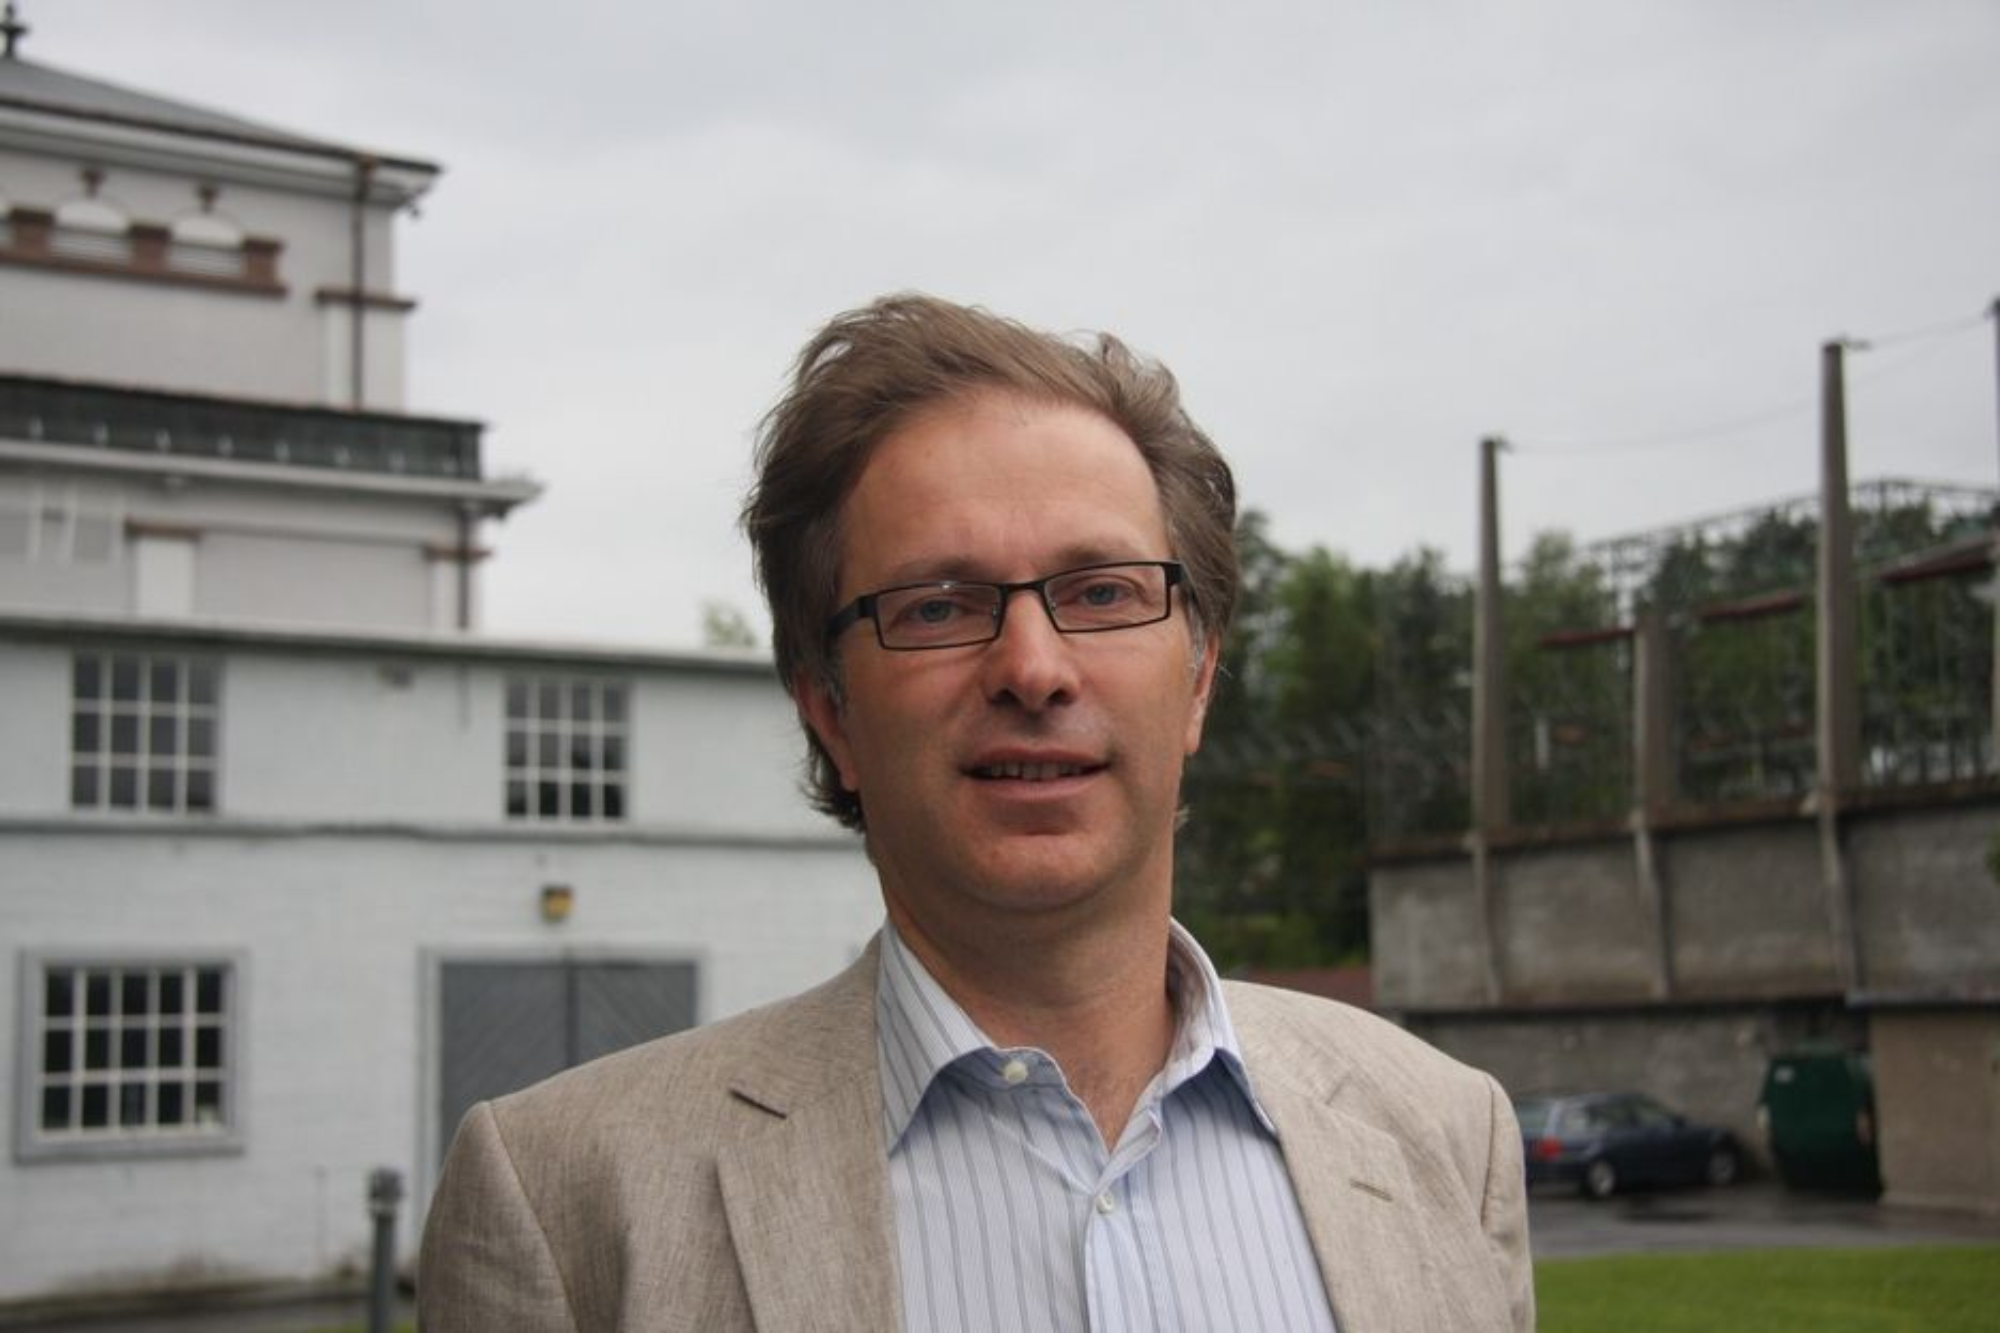 Konserndirektør Gunnar Løvås i Statnett mener Hardanger-utvalgene har gjort en grundig jobb, men at de vil lese rapportene nøye før de kommenterer ytterligere.